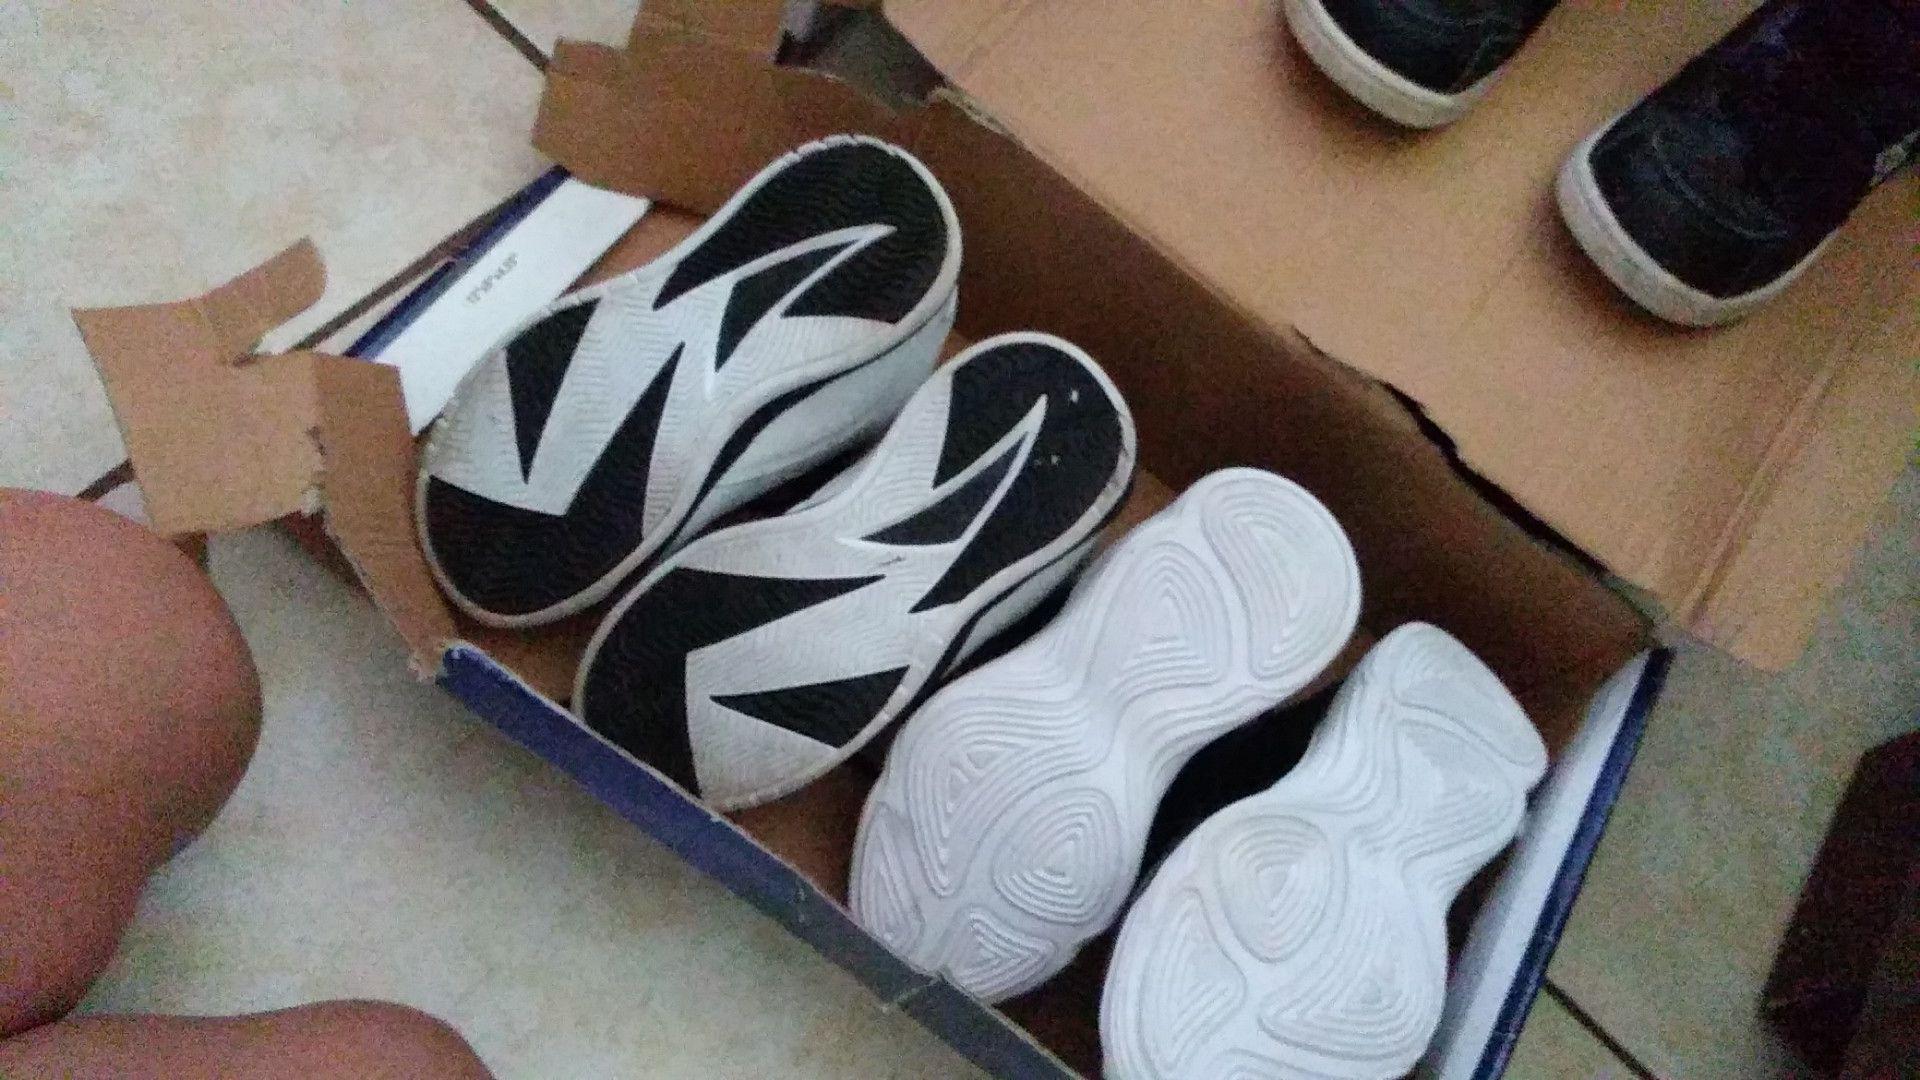 Shoes gotta go